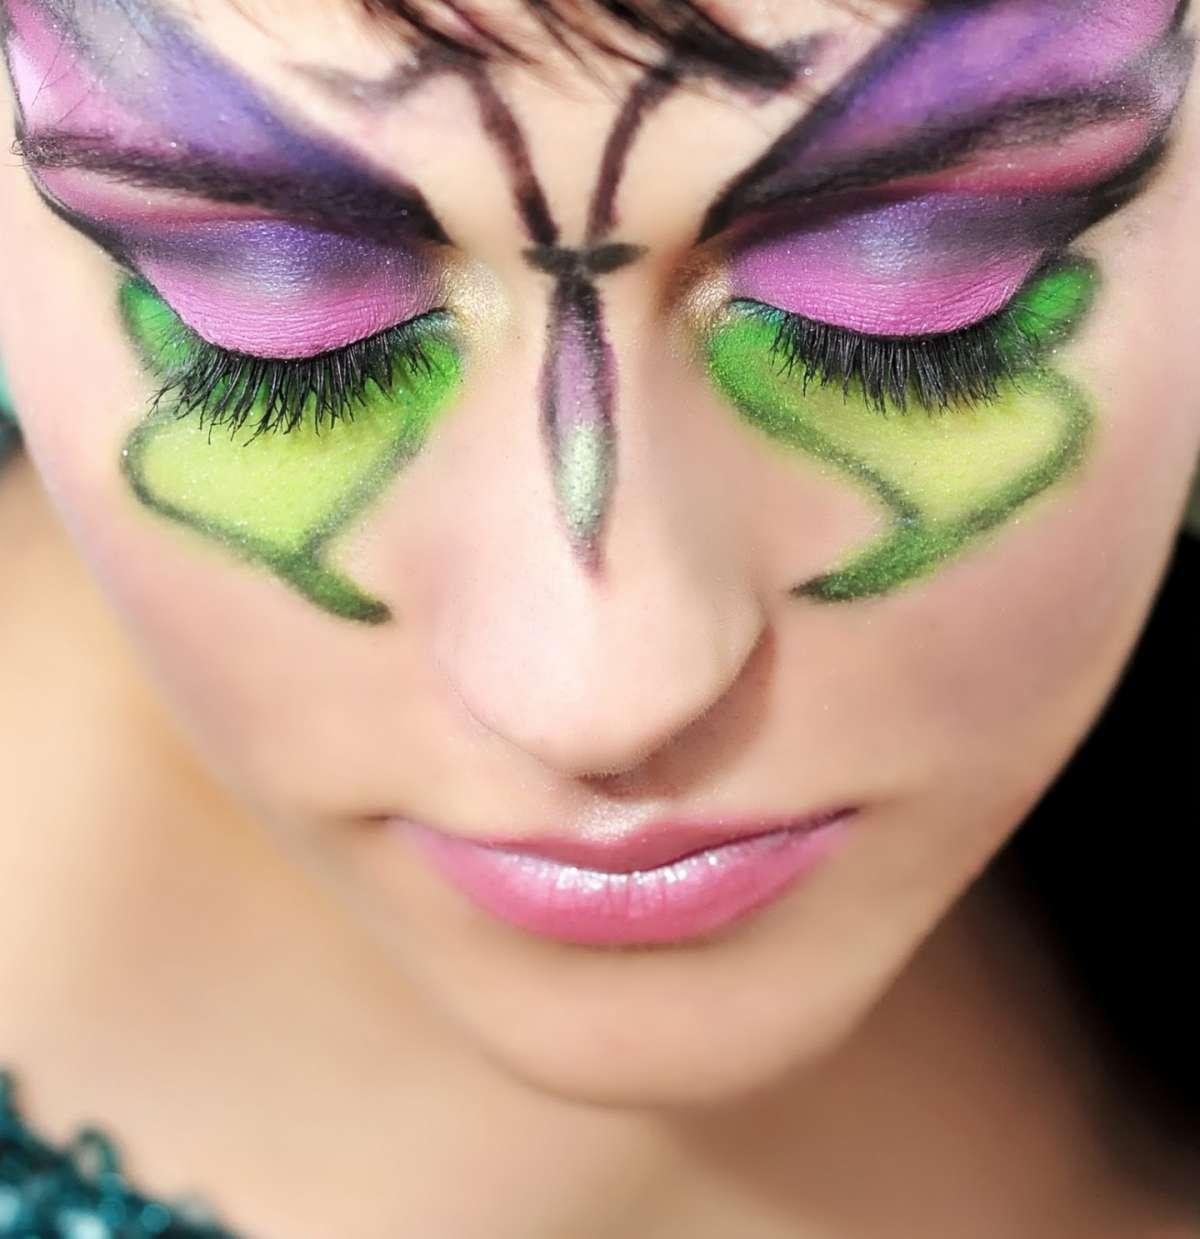 Trucco da farfalla verde viola